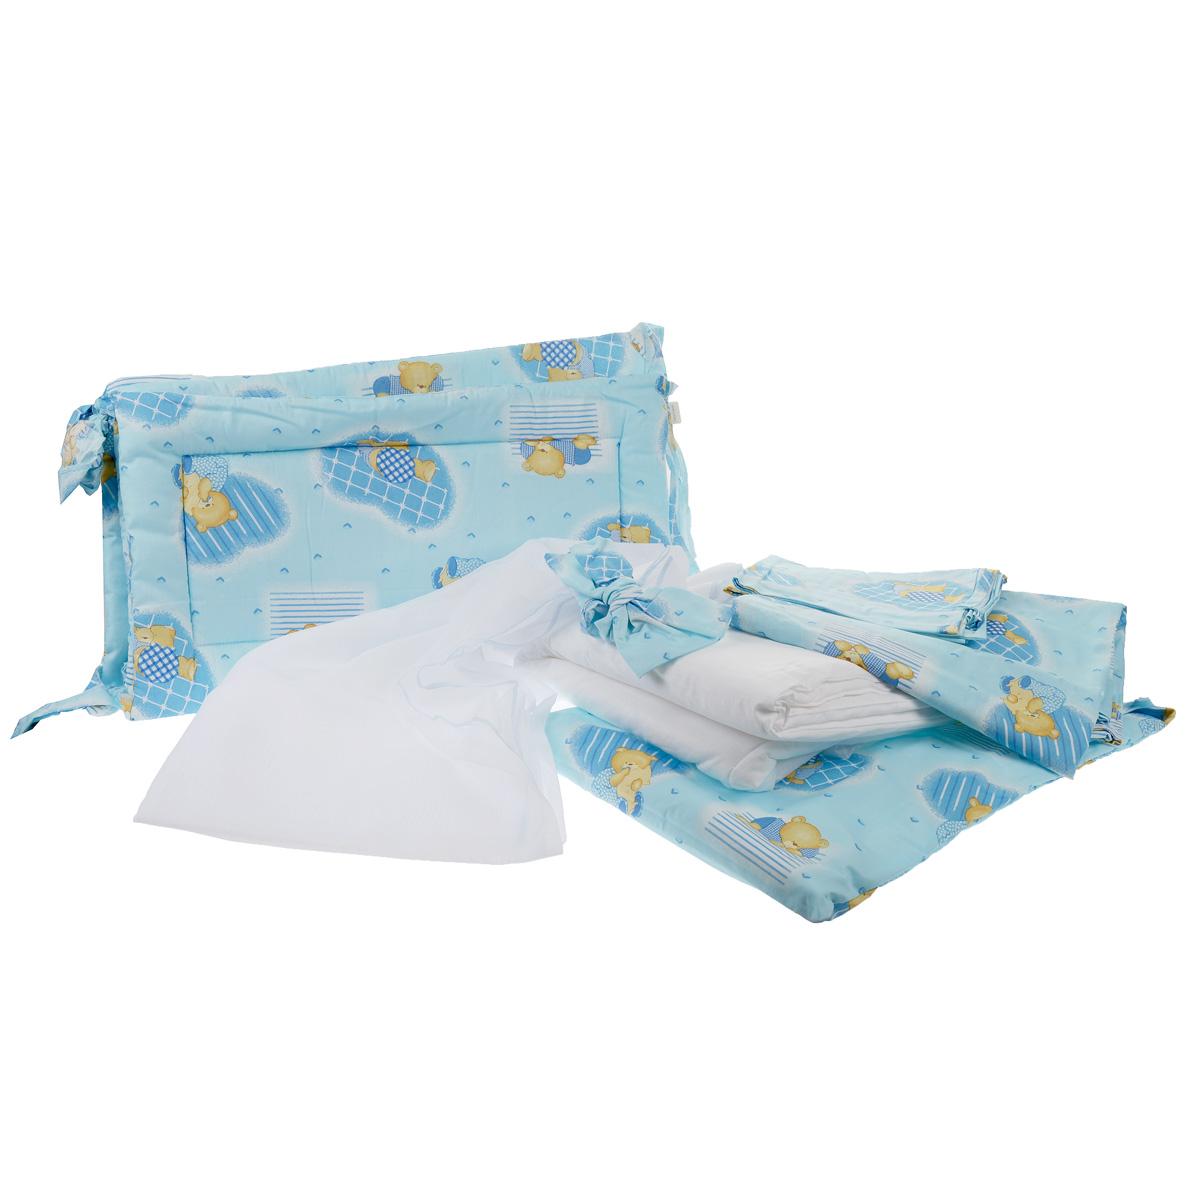 Комплект в кроватку Фея Мишки, цвет: голубой, 7 предметов5558-1Комплект в кроватку Фея Мишки прекрасно подойдет для кроватки вашего малыша, добавит комнате уюта и согреет в прохладные дни. В качестве материала верха использован натуральный 100% хлопок. Мягкая ткань не раздражает чувствительную и нежную кожу ребенка и хорошо вентилируется. Бортик, подушка и одеяло наполнены холлотеком, нетканым материалом, который производится из полых сильно извитых волокон. За счет этого материал приобретает объем, упругость, и особенную мягкость. Балдахин выполнен из легкой прозрачной вуали. Очень важно, чтобы ваш малыш хорошо спал - это залог его здоровья, а значит вашего спокойствия. Комплект Фея Мишки идеально подойдет для кроватки вашего малыша. На нем ваш кроха будет спать здоровым и крепким сном. Комплектация: - бортик (2 х 35 см х 60 см, 2 х 35 см х 120 см); - балдахин (150 см х 300 см); - плоская подушка (40 см х 60 см); - одеяло (110 см х 140 см); - пододеяльник (110 см х 140 см);...